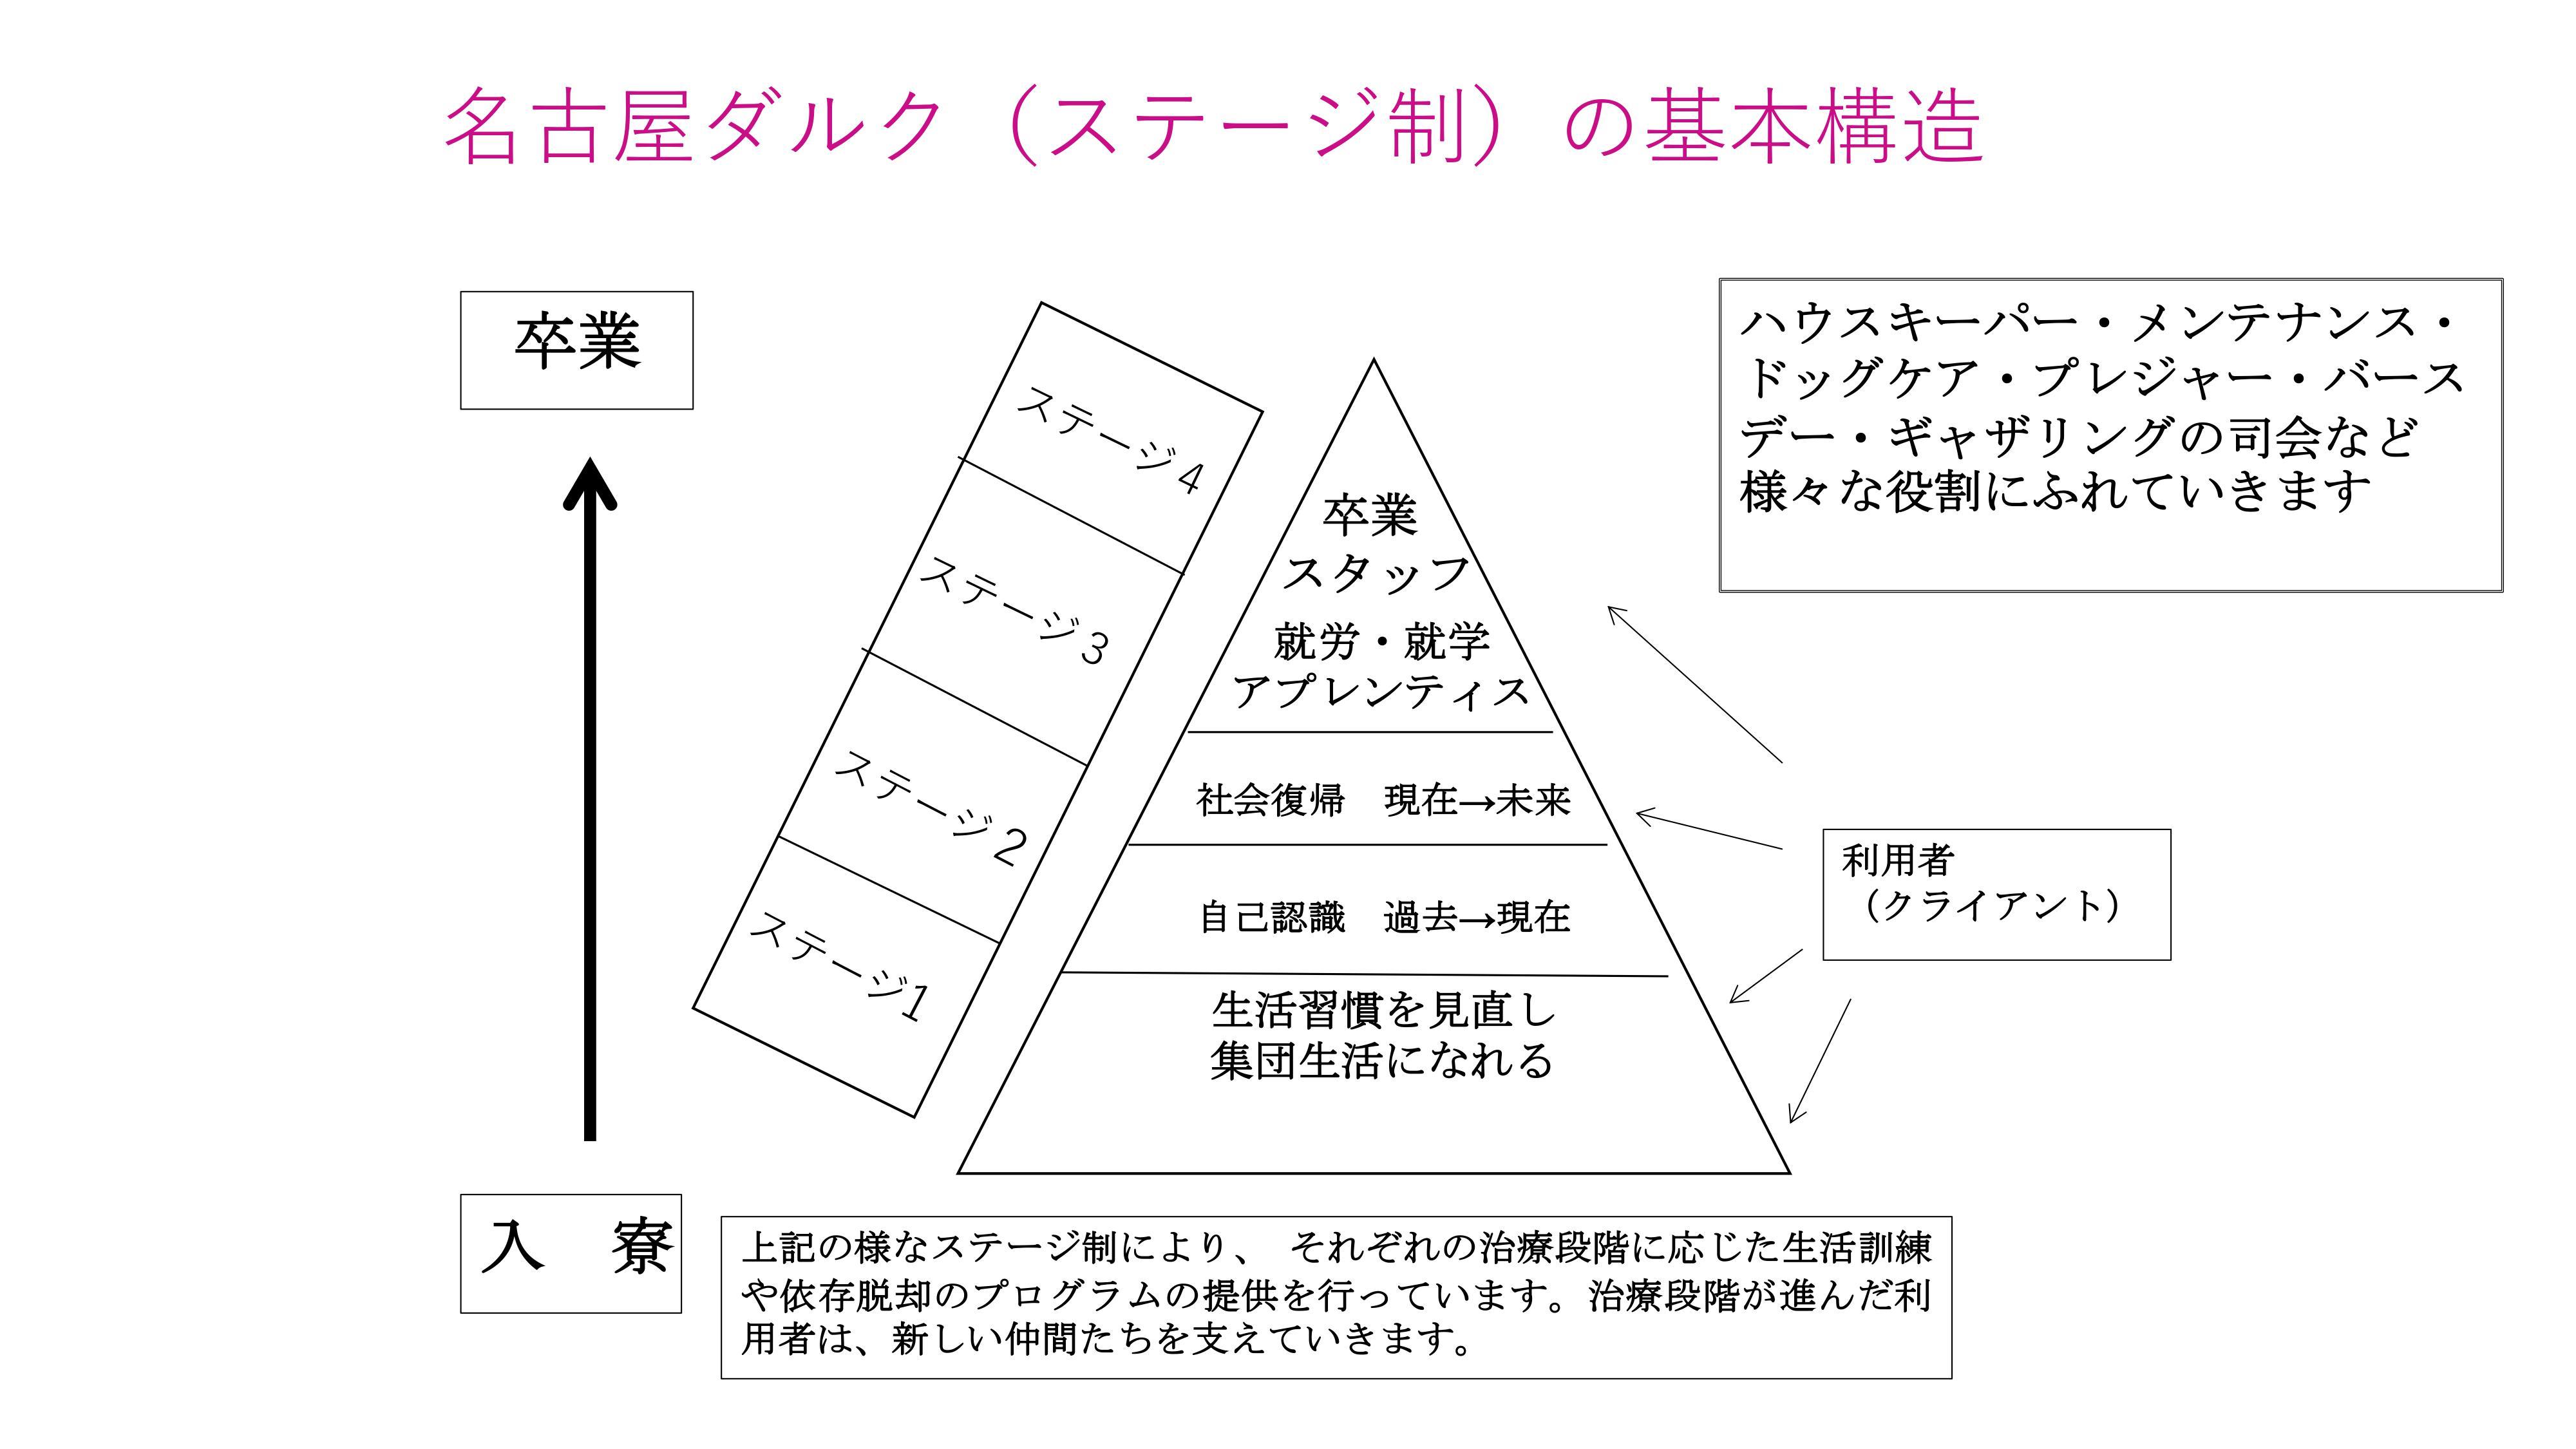 ステージ制基本構造